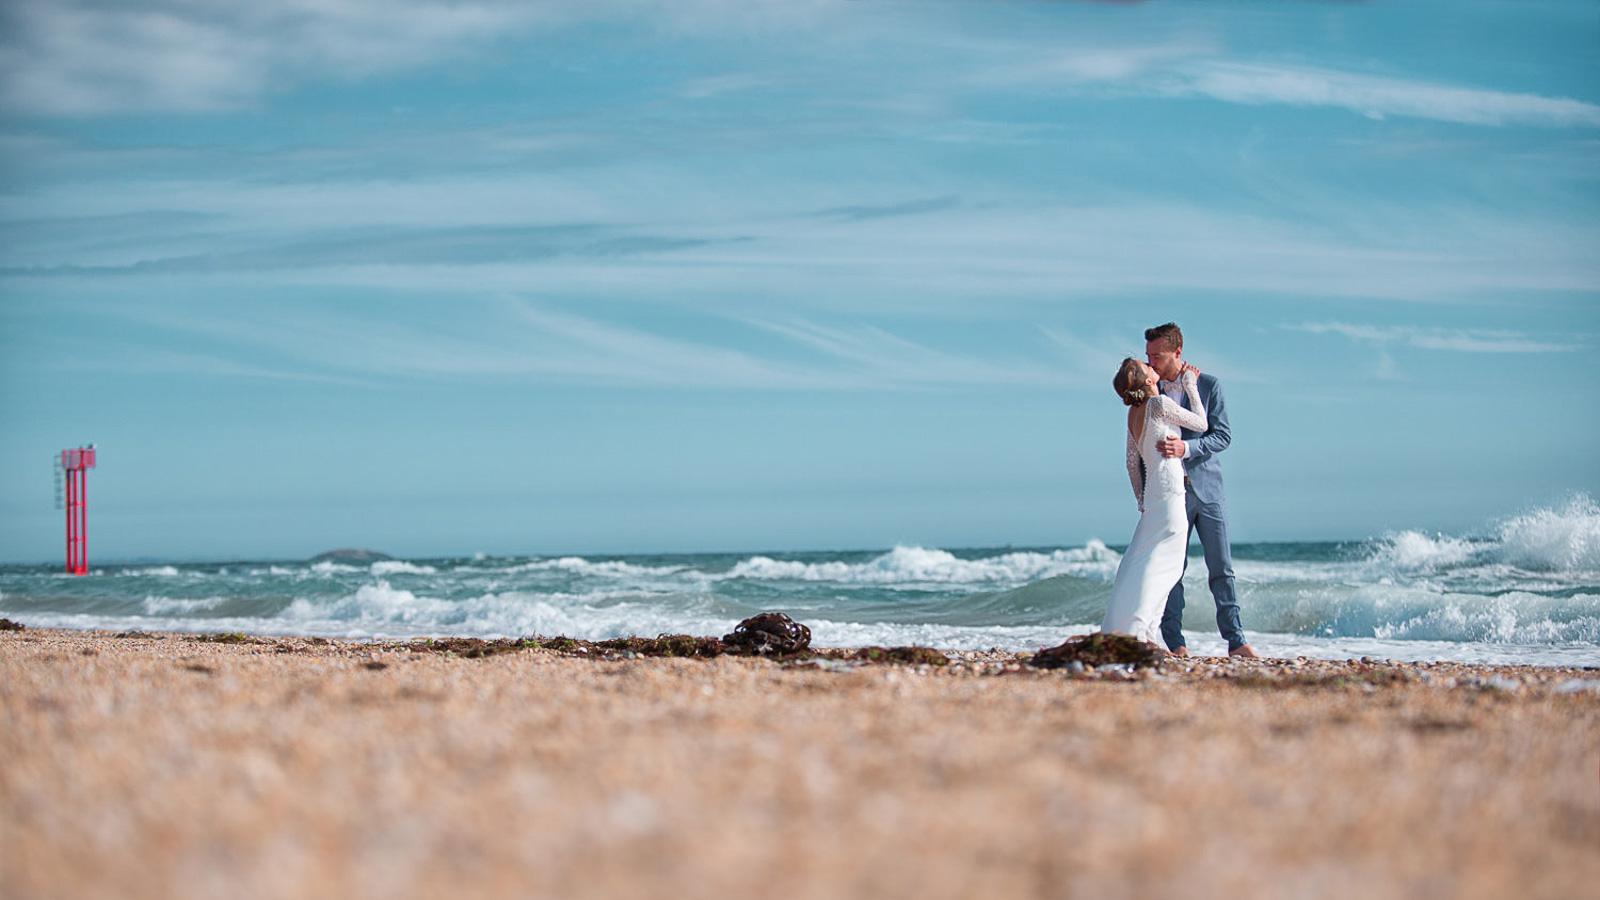 Philippe Le Pochat photographe de mariage à Auray Morbihan